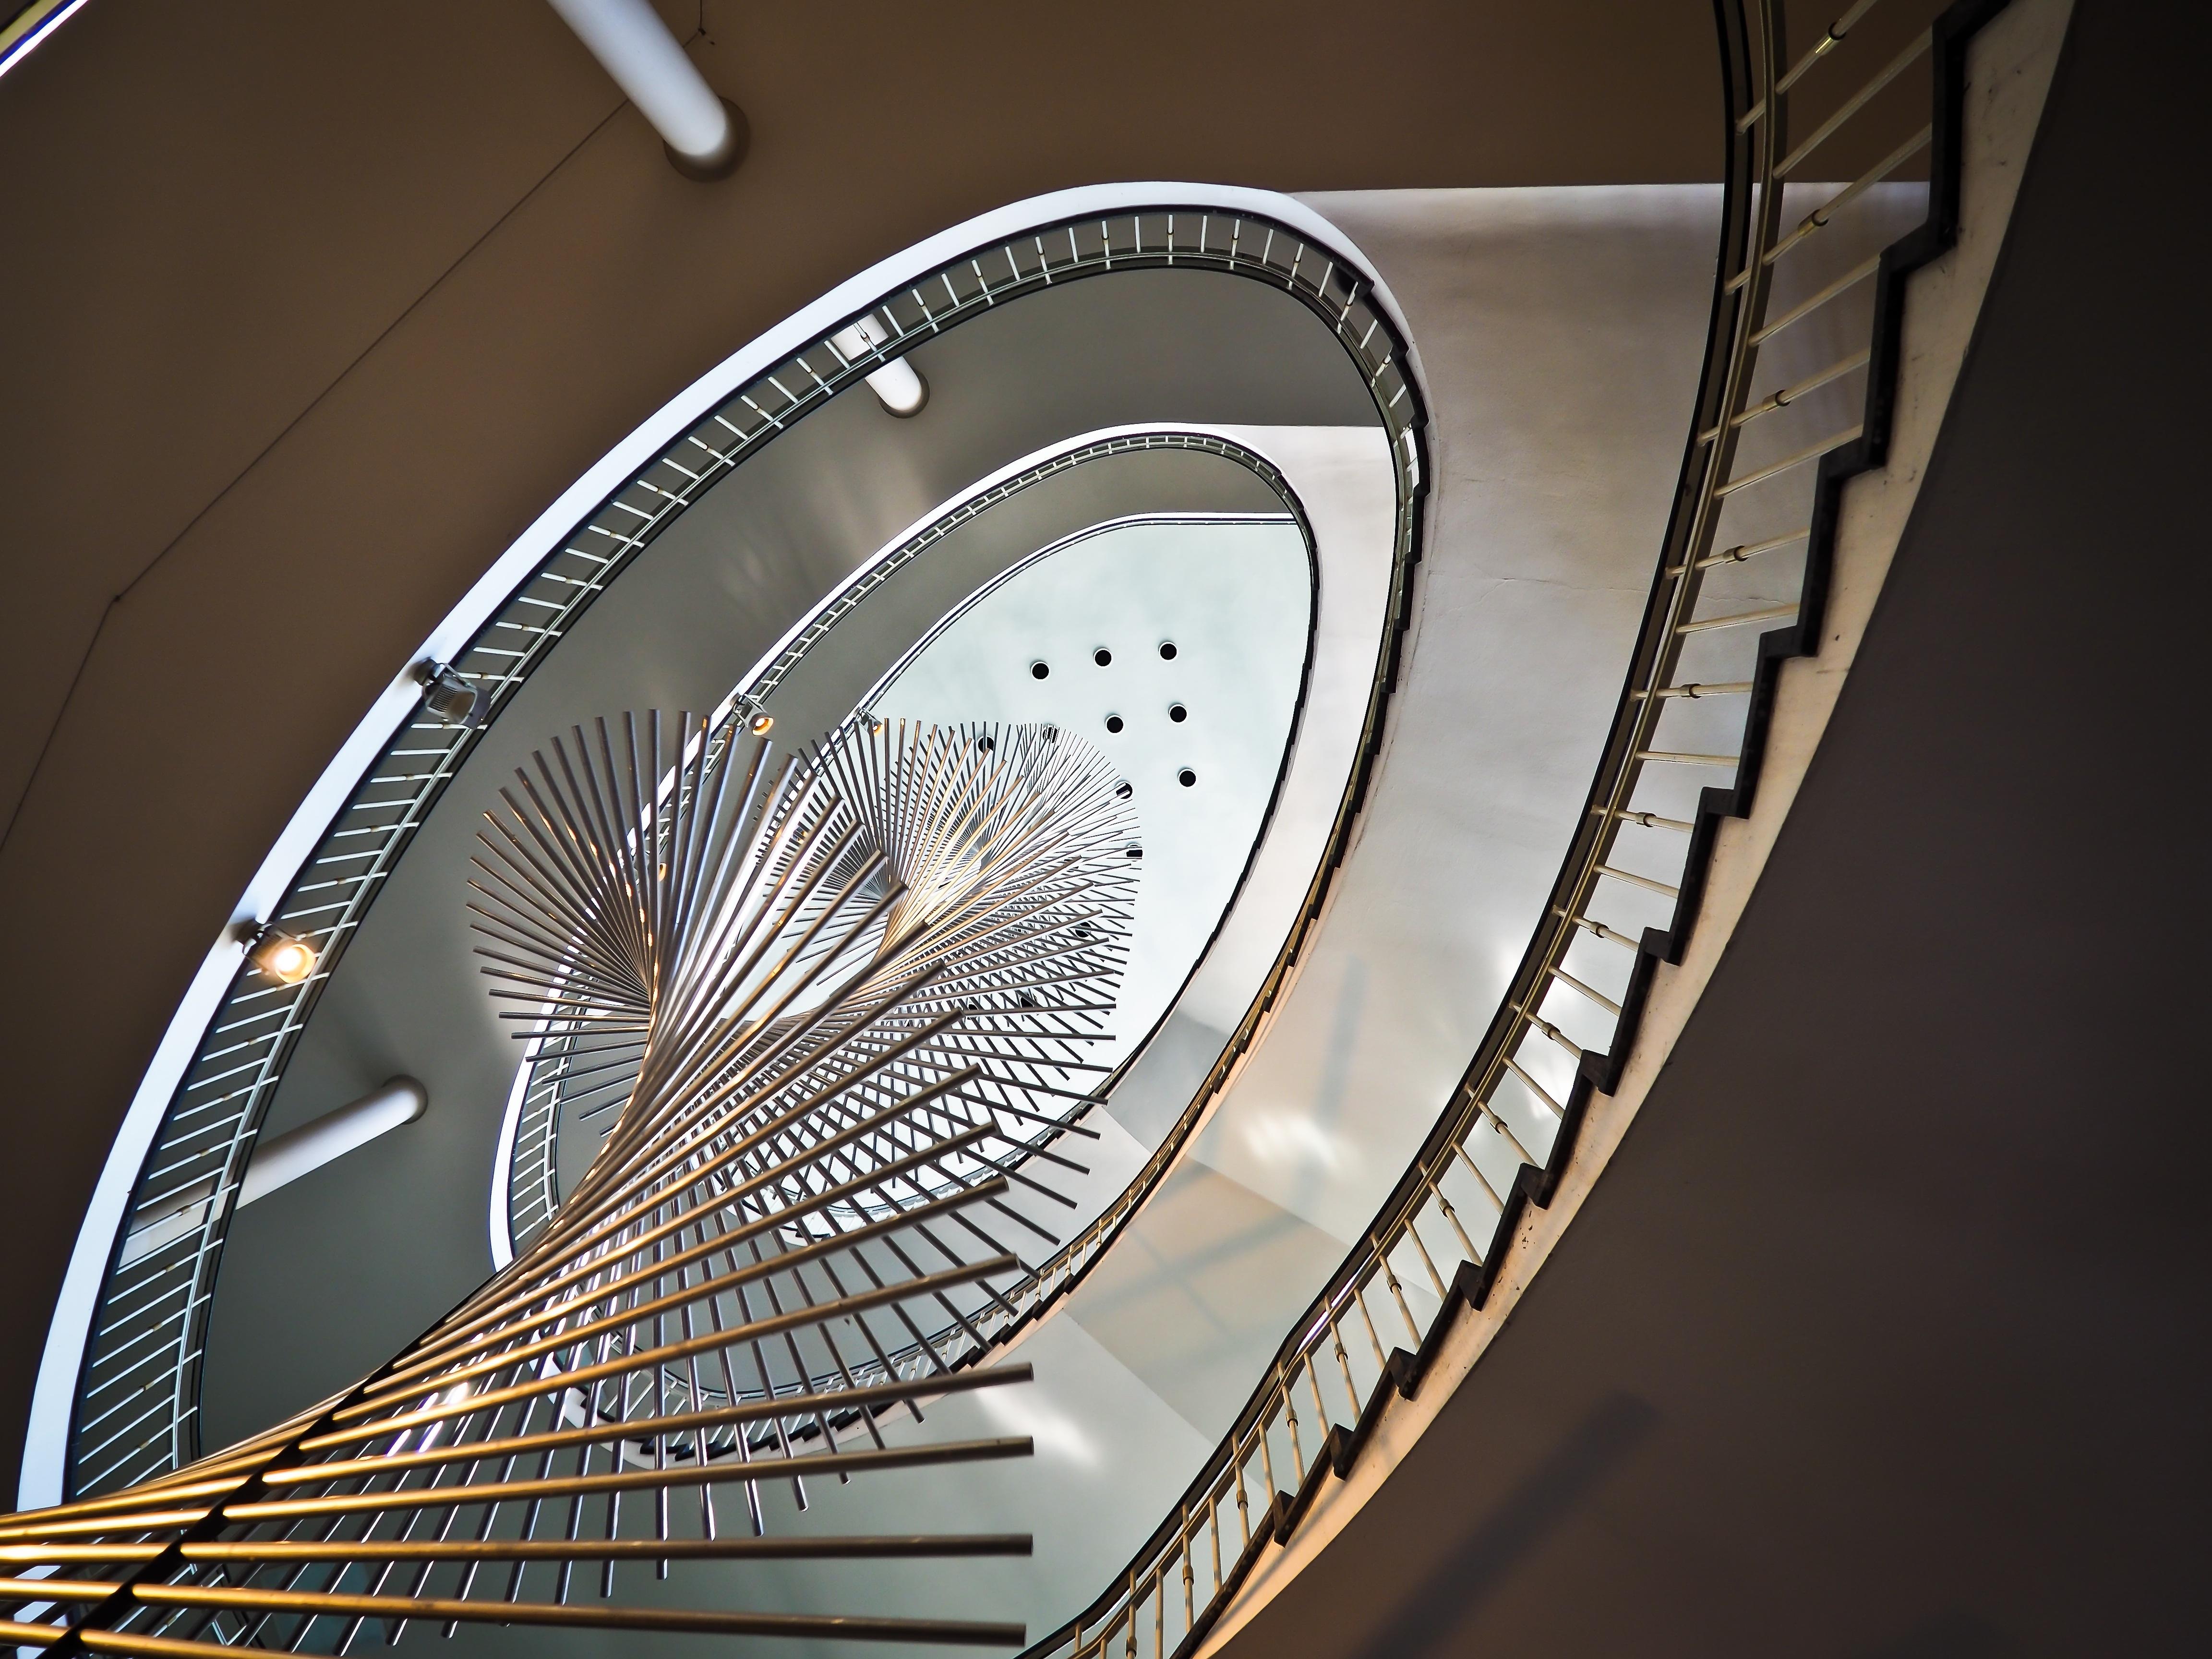 Flügel Licht Die Architektur Struktur Rad Innere Fenster Perspektive Treppe  Decke Geländer Kreis Innenarchitektur Innen Treppe